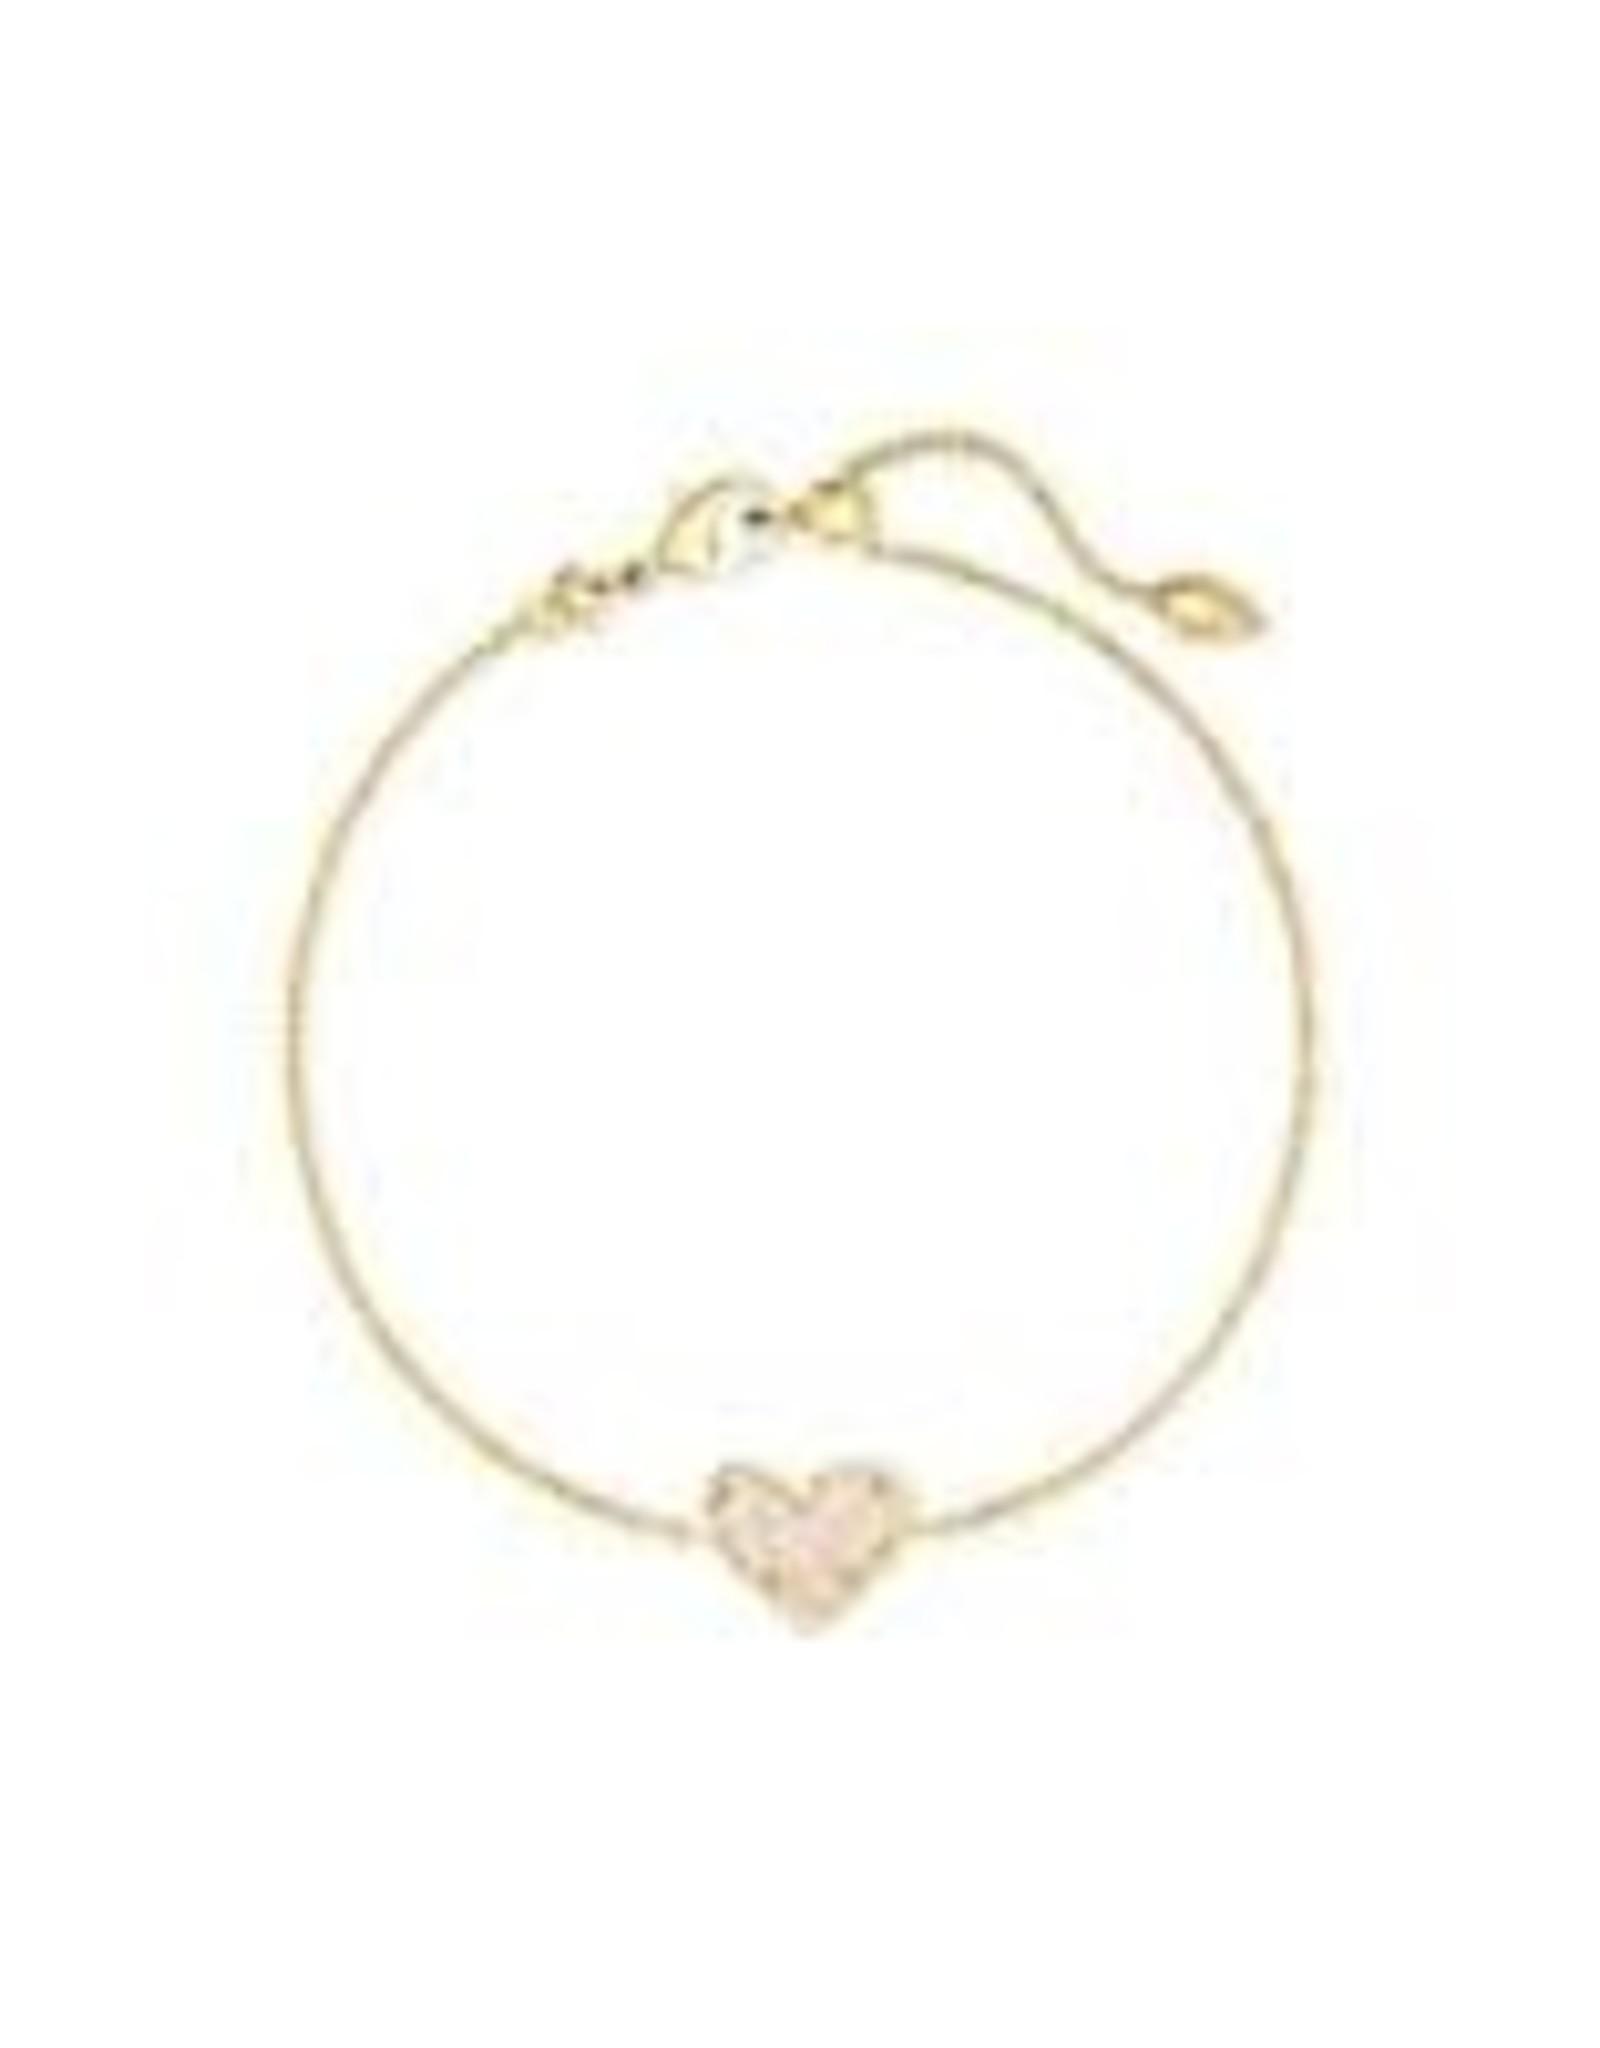 Kendra Scott Kendra Scott Ari Heart Delicate Bracelet